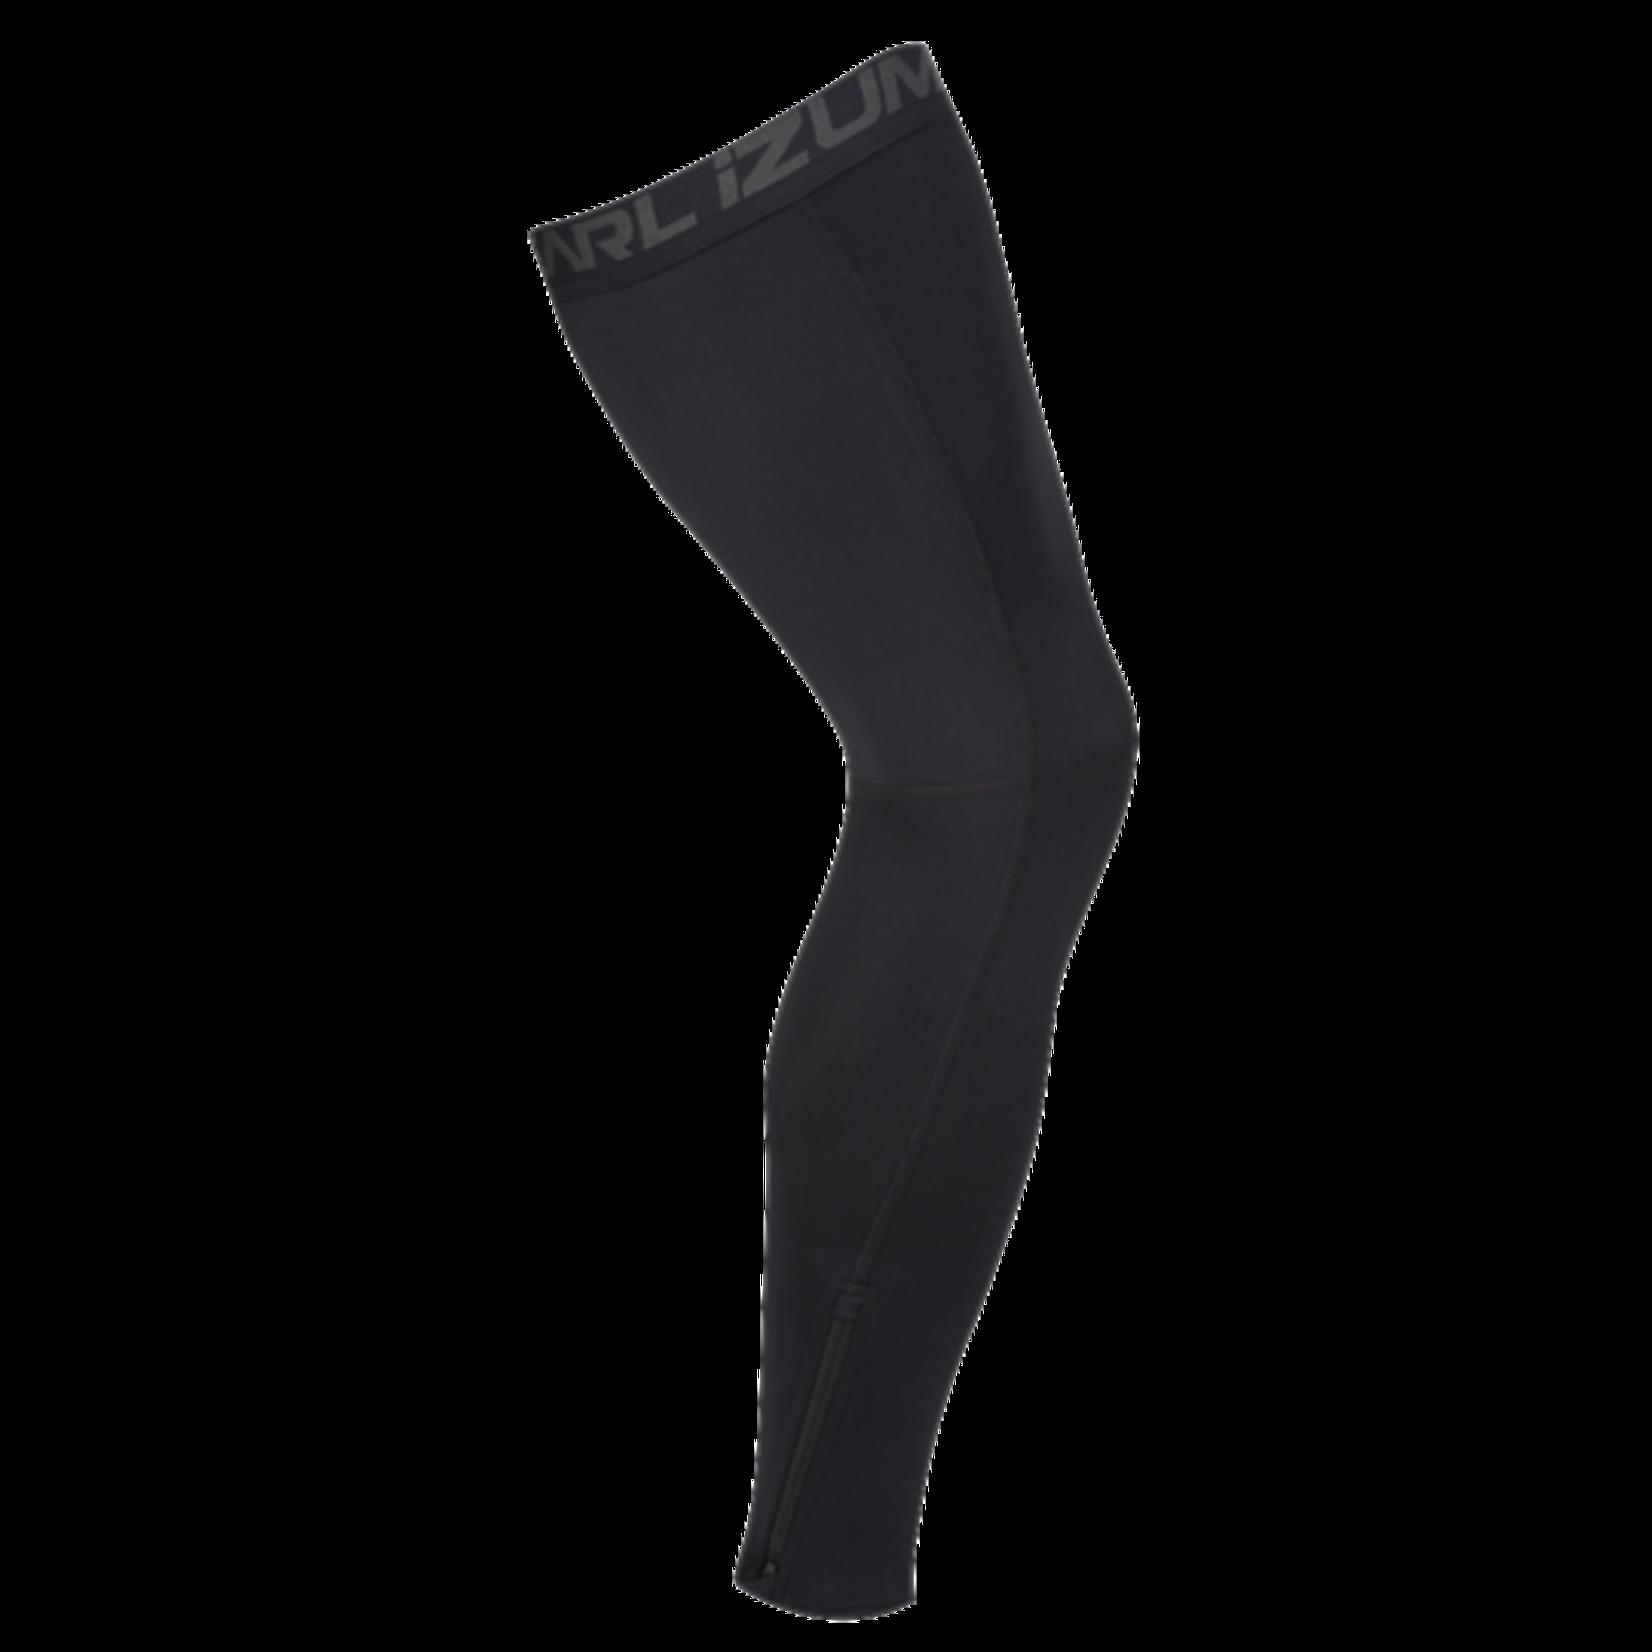 Pearl Izumi PEARL IZUMI ELITE THERMAL LEG WARMER BK M